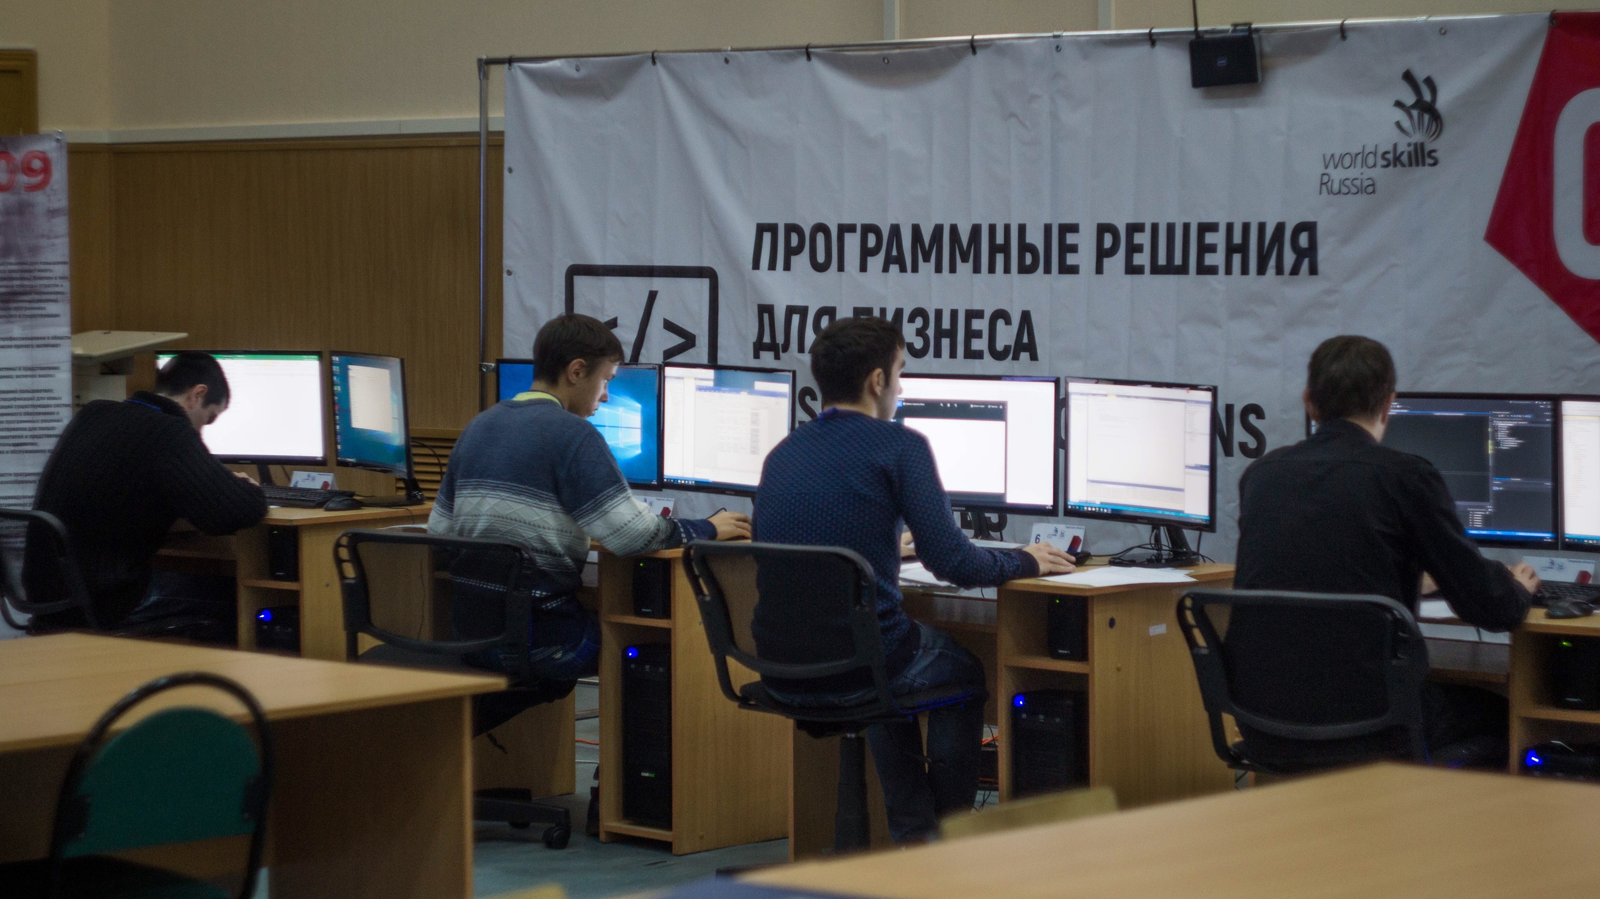 Тверские студенты выпустили подкаст о рабочих профессиях